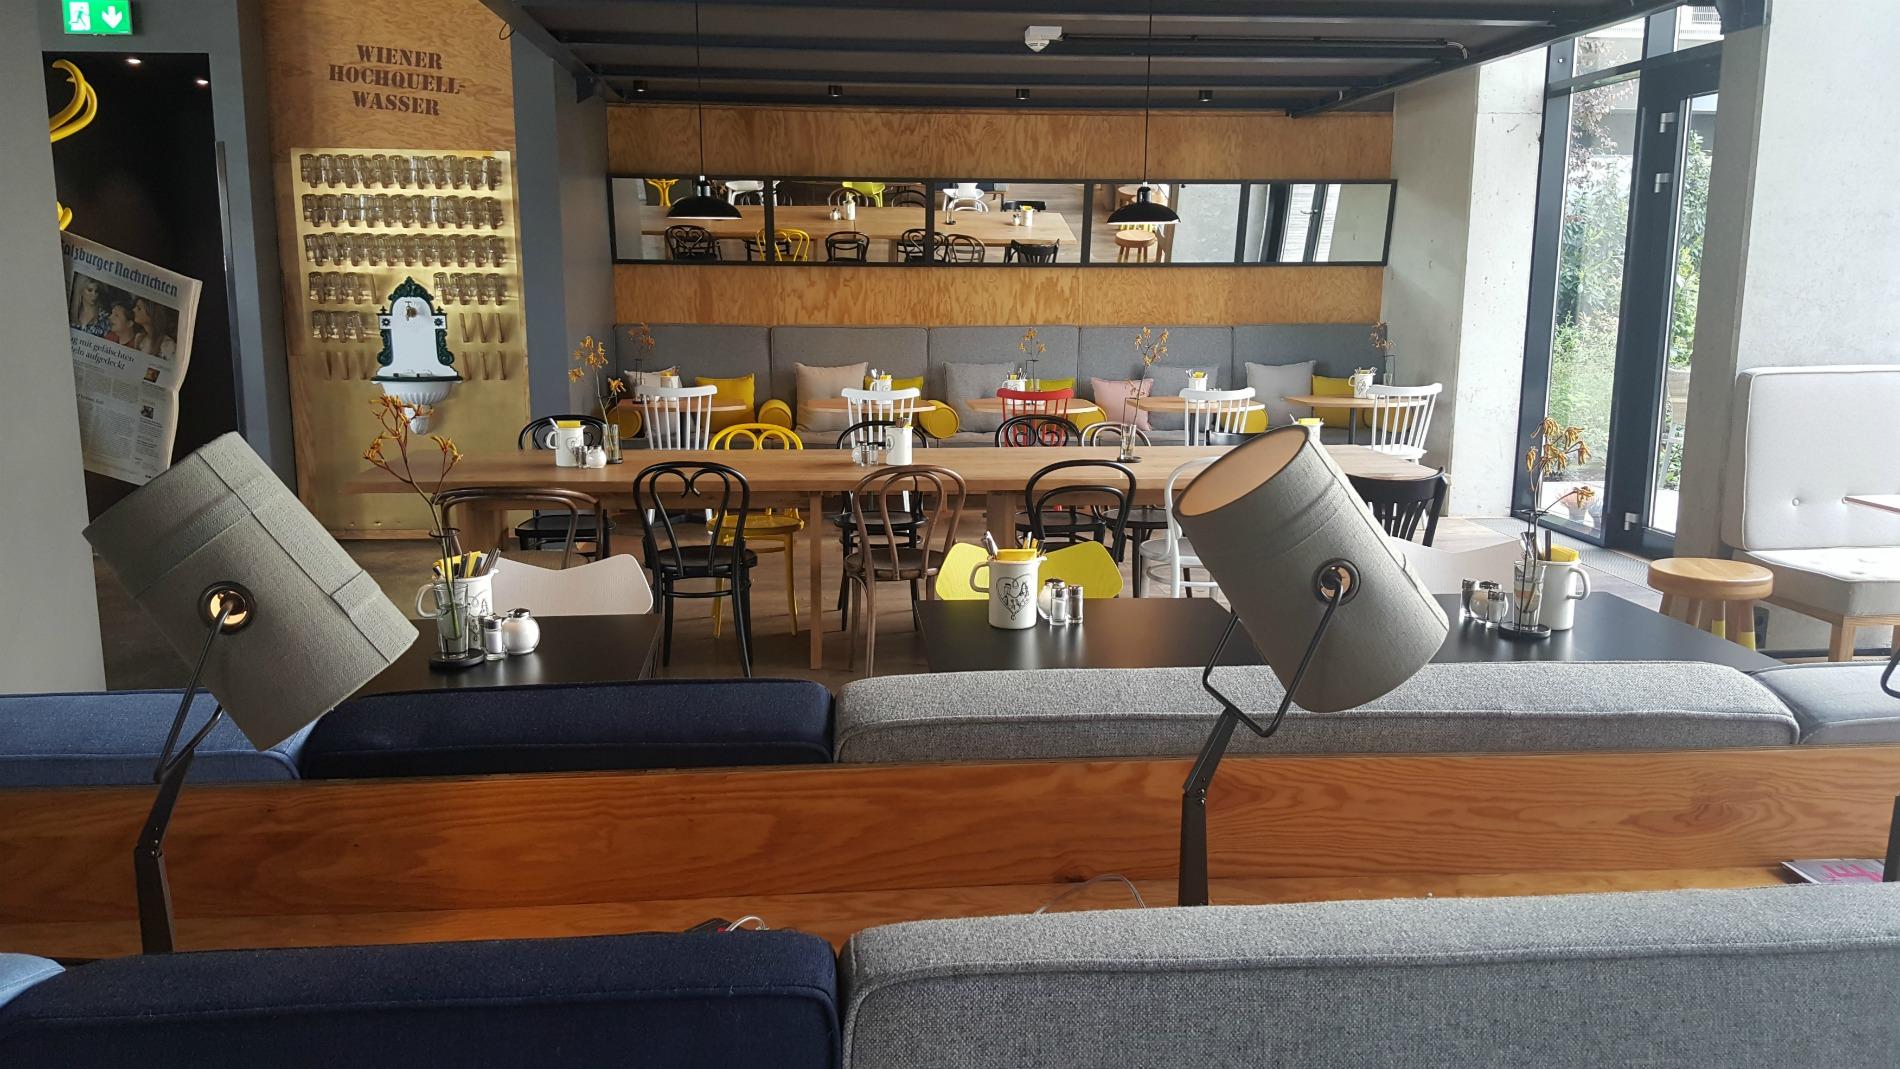 hotel-schani-wien-lobby